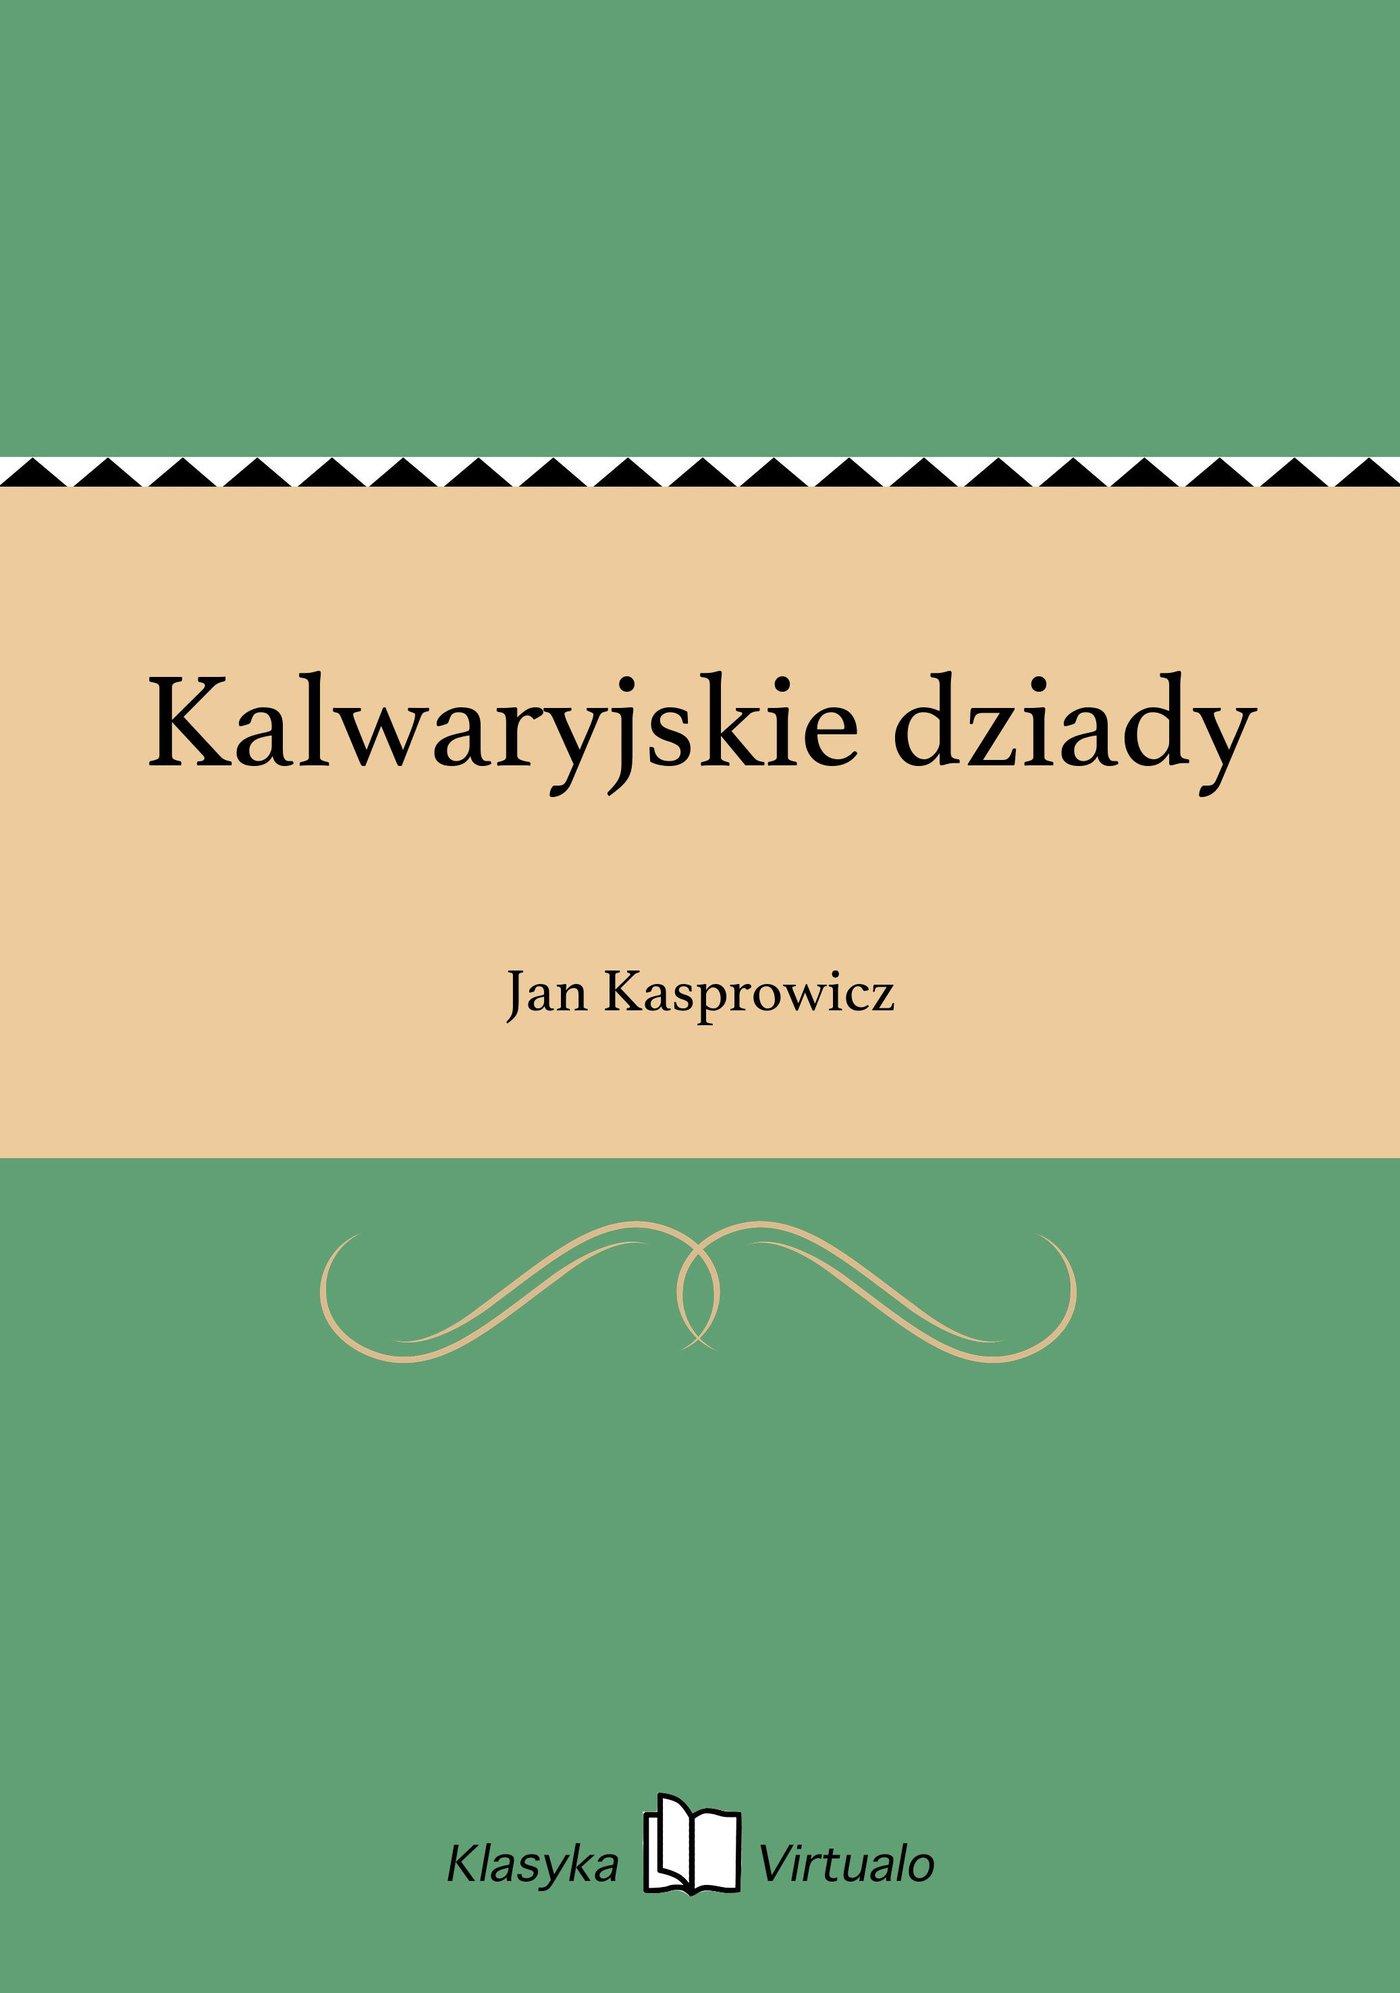 Kalwaryjskie dziady - Ebook (Książka EPUB) do pobrania w formacie EPUB